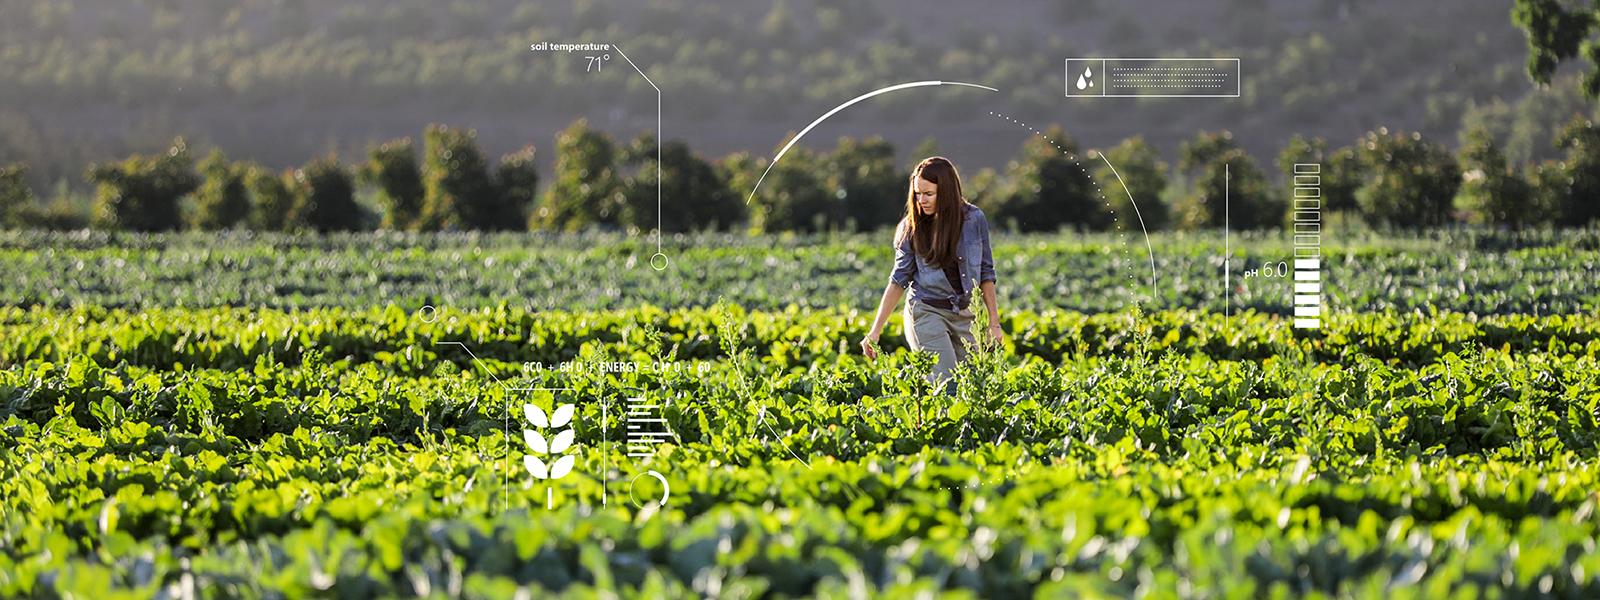 ragazza in un campo coltivato, dashboard essenziale, dati